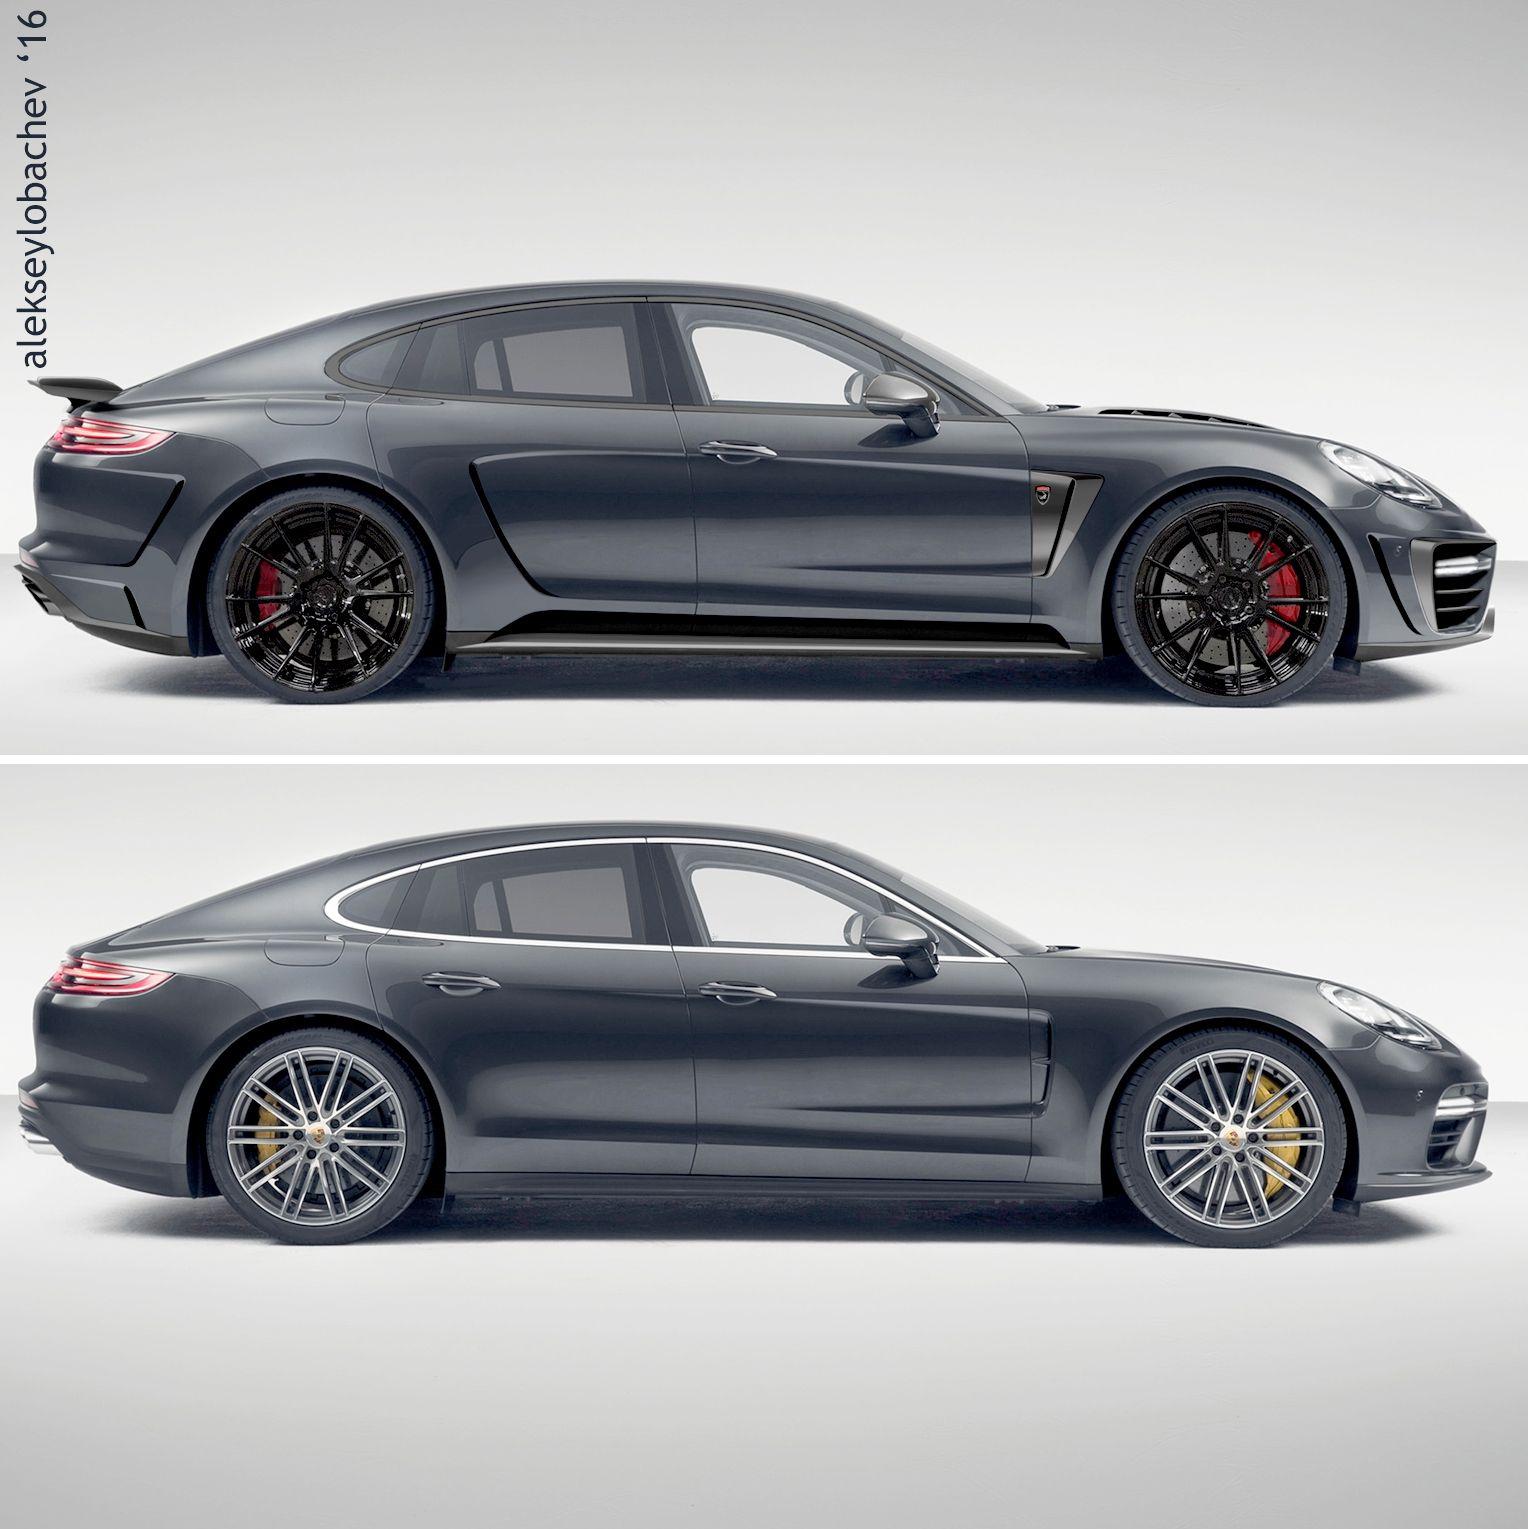 Porsche Panamera Car: Sketch Porsche Panamera 2017